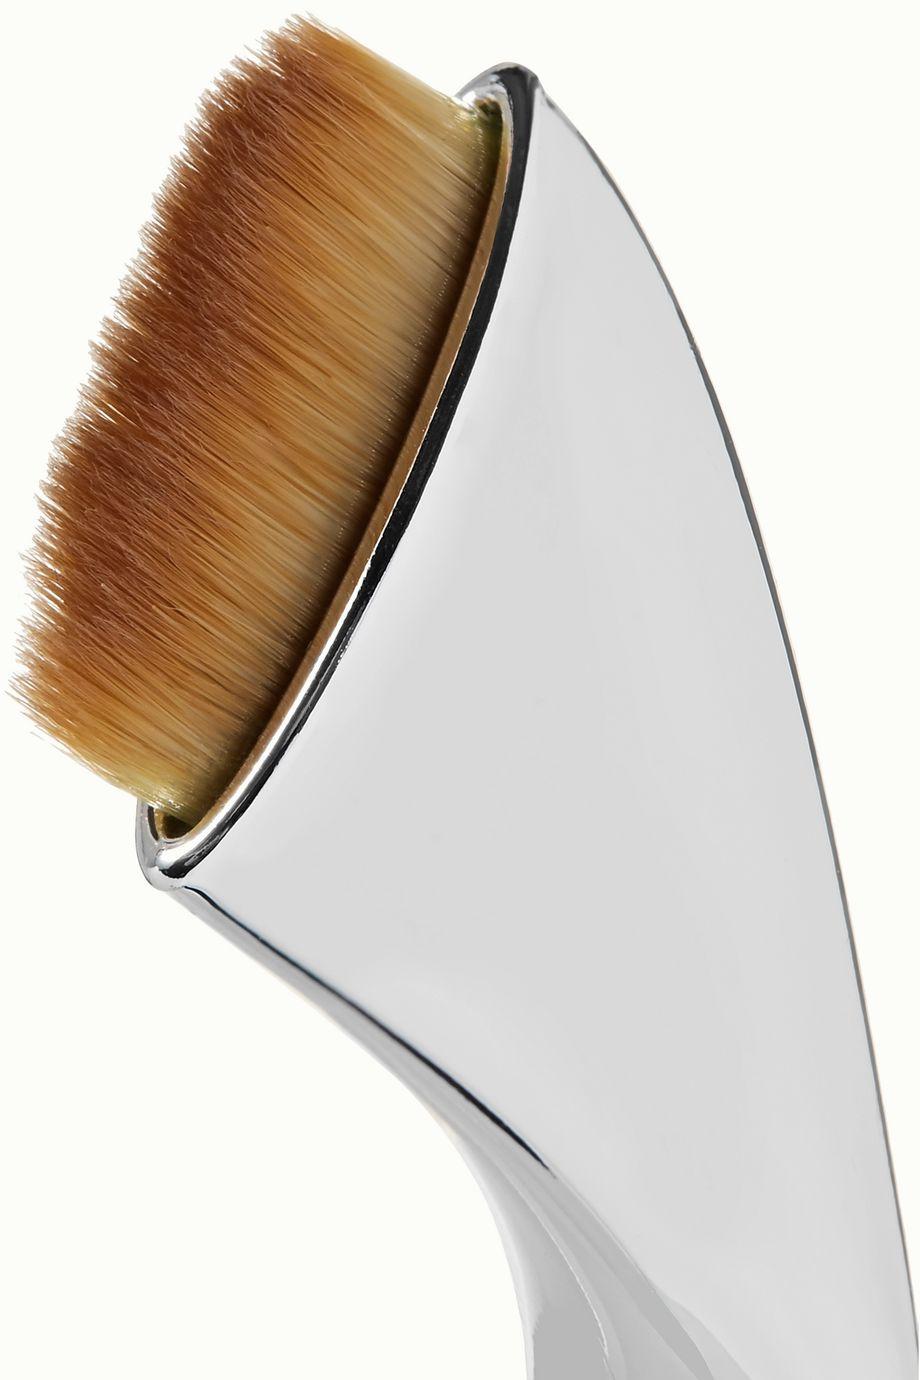 Artis Brush Fluenta Linear 1 Brush